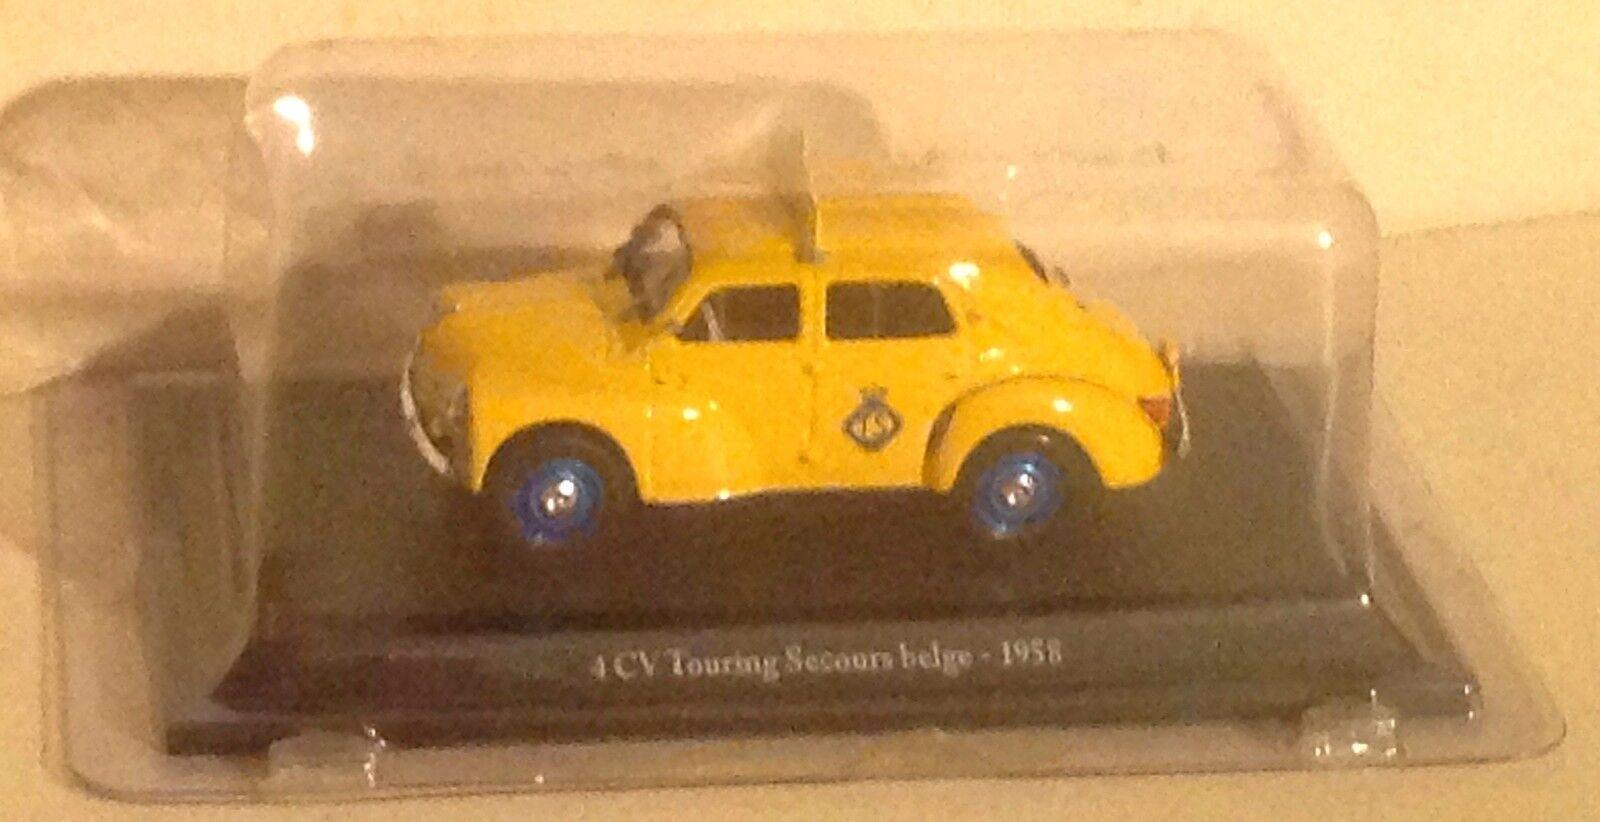 Renault 4 CV Touring secours belge 1958 1 43ème 43ème 43ème df8869